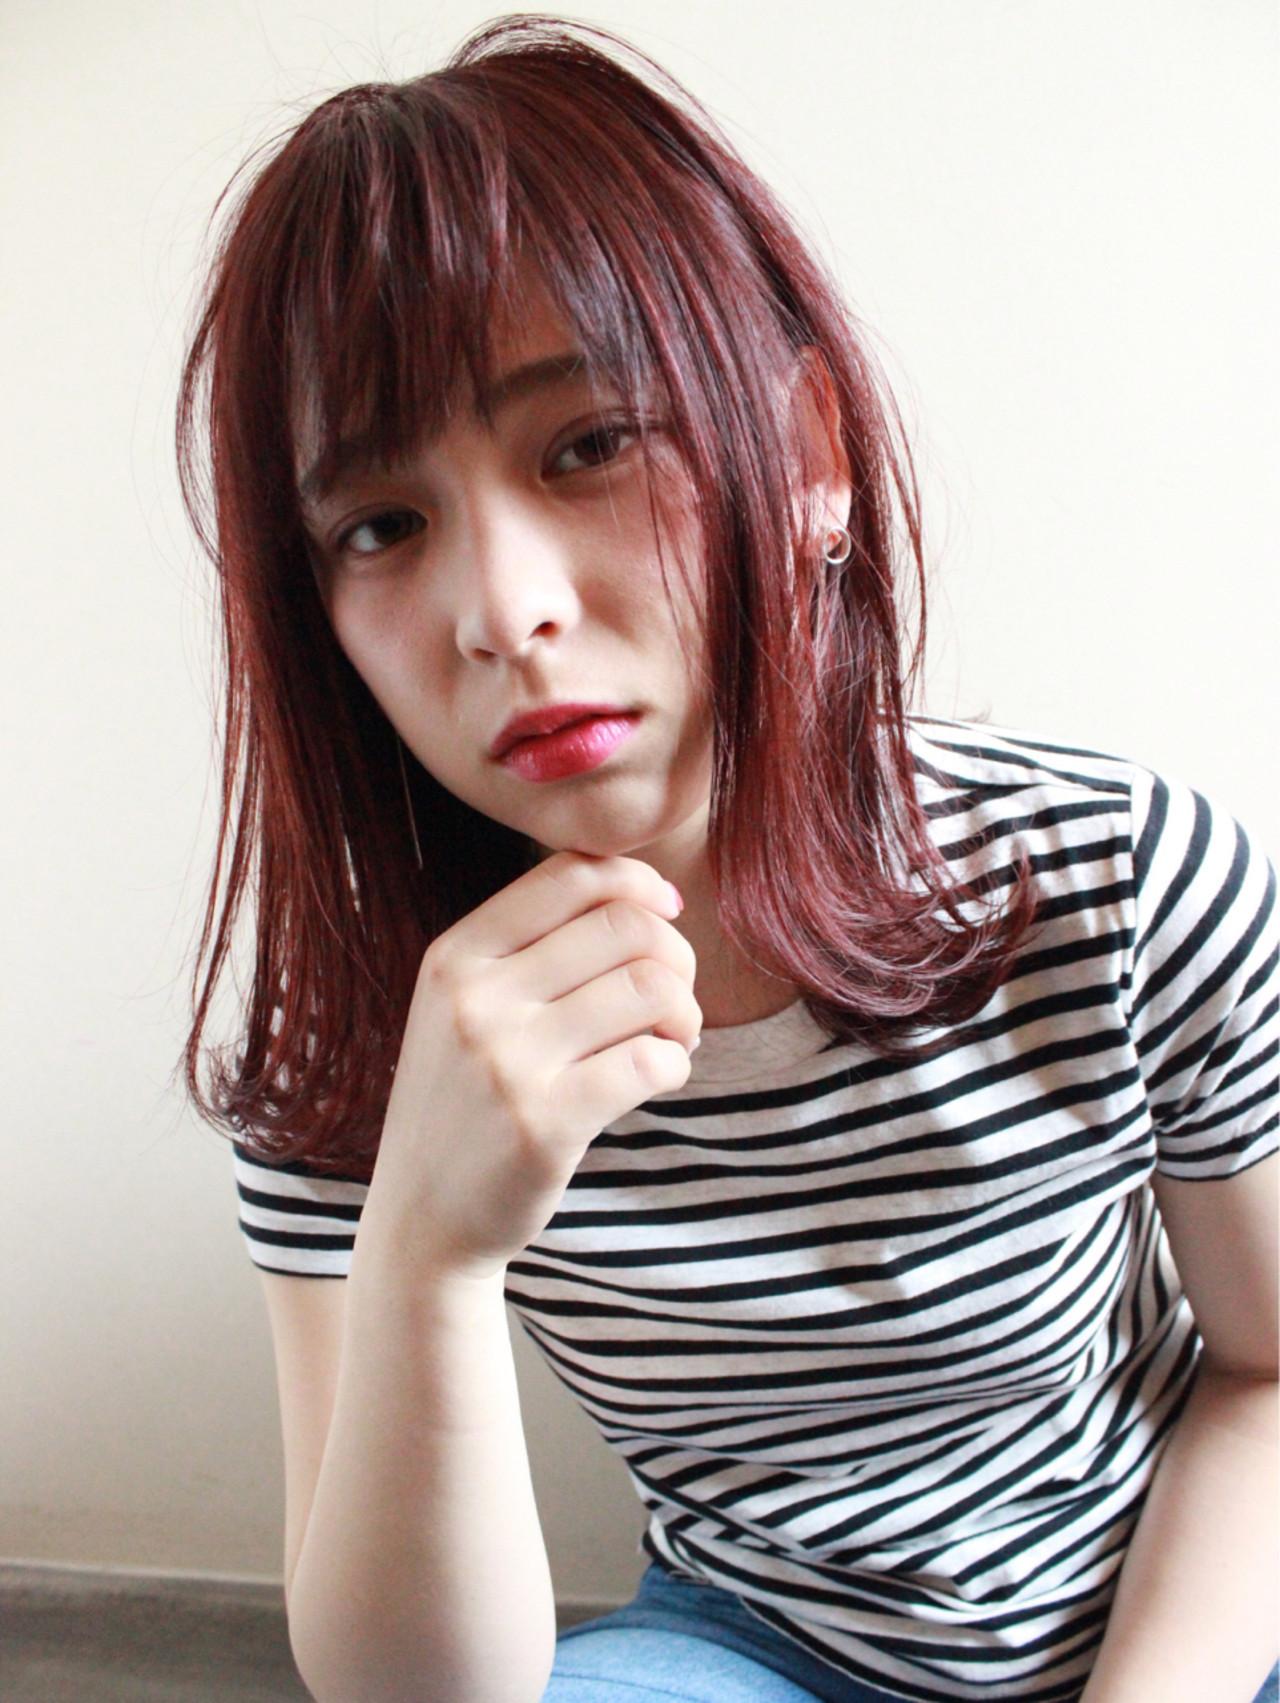 前髪あり ピンク ベリーピンク ボブ ヘアスタイルや髪型の写真・画像